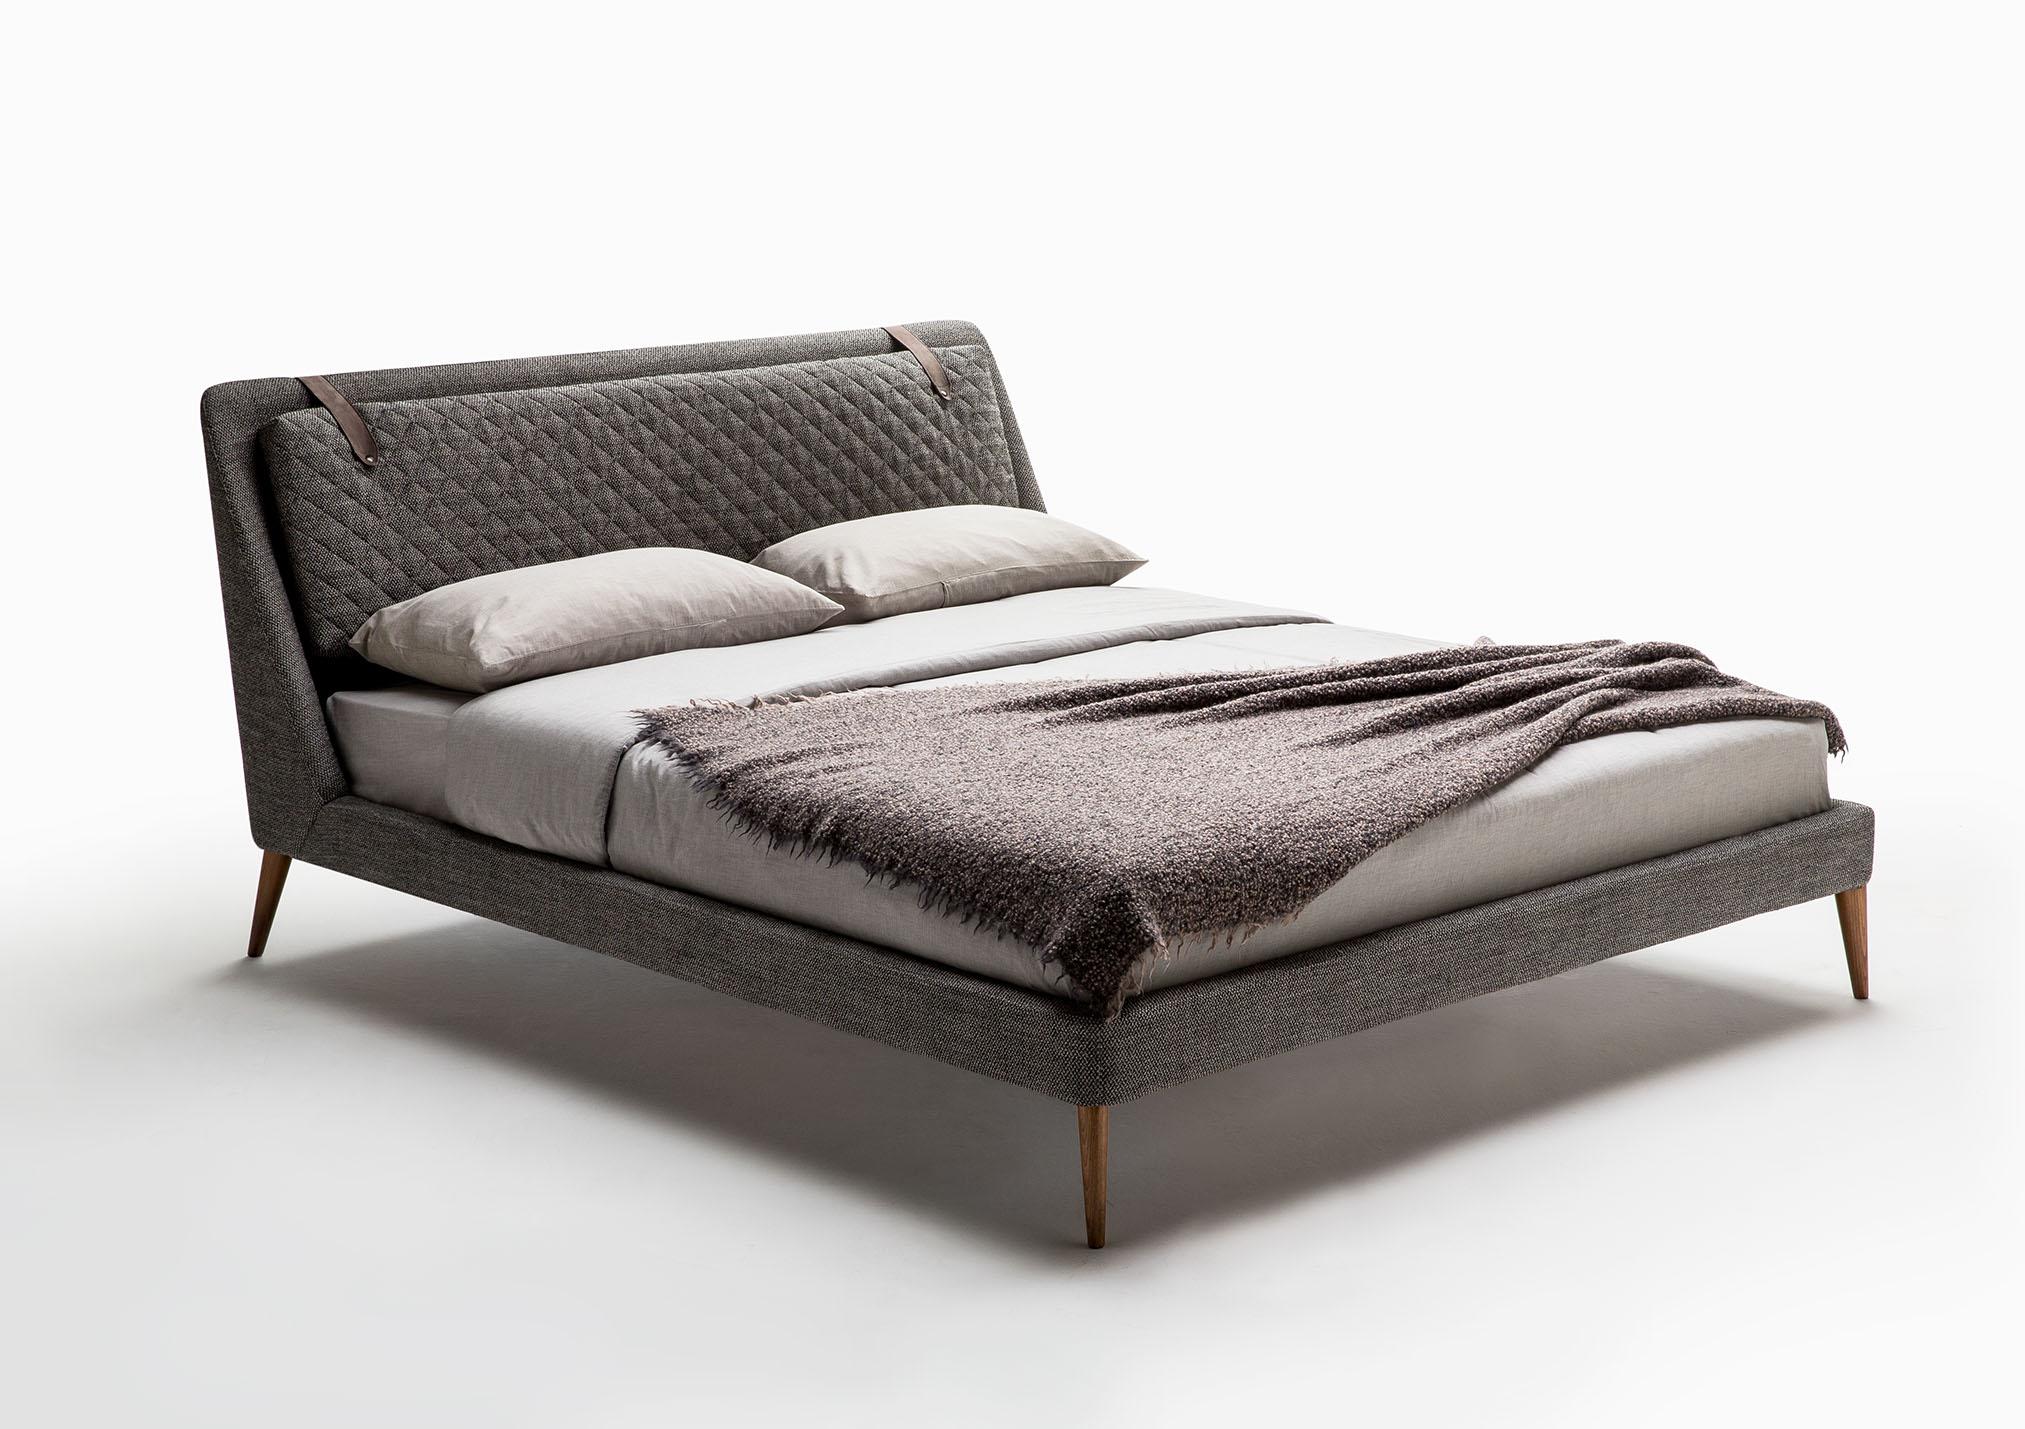 חדרי שינה מעוצבים דגם מלודי